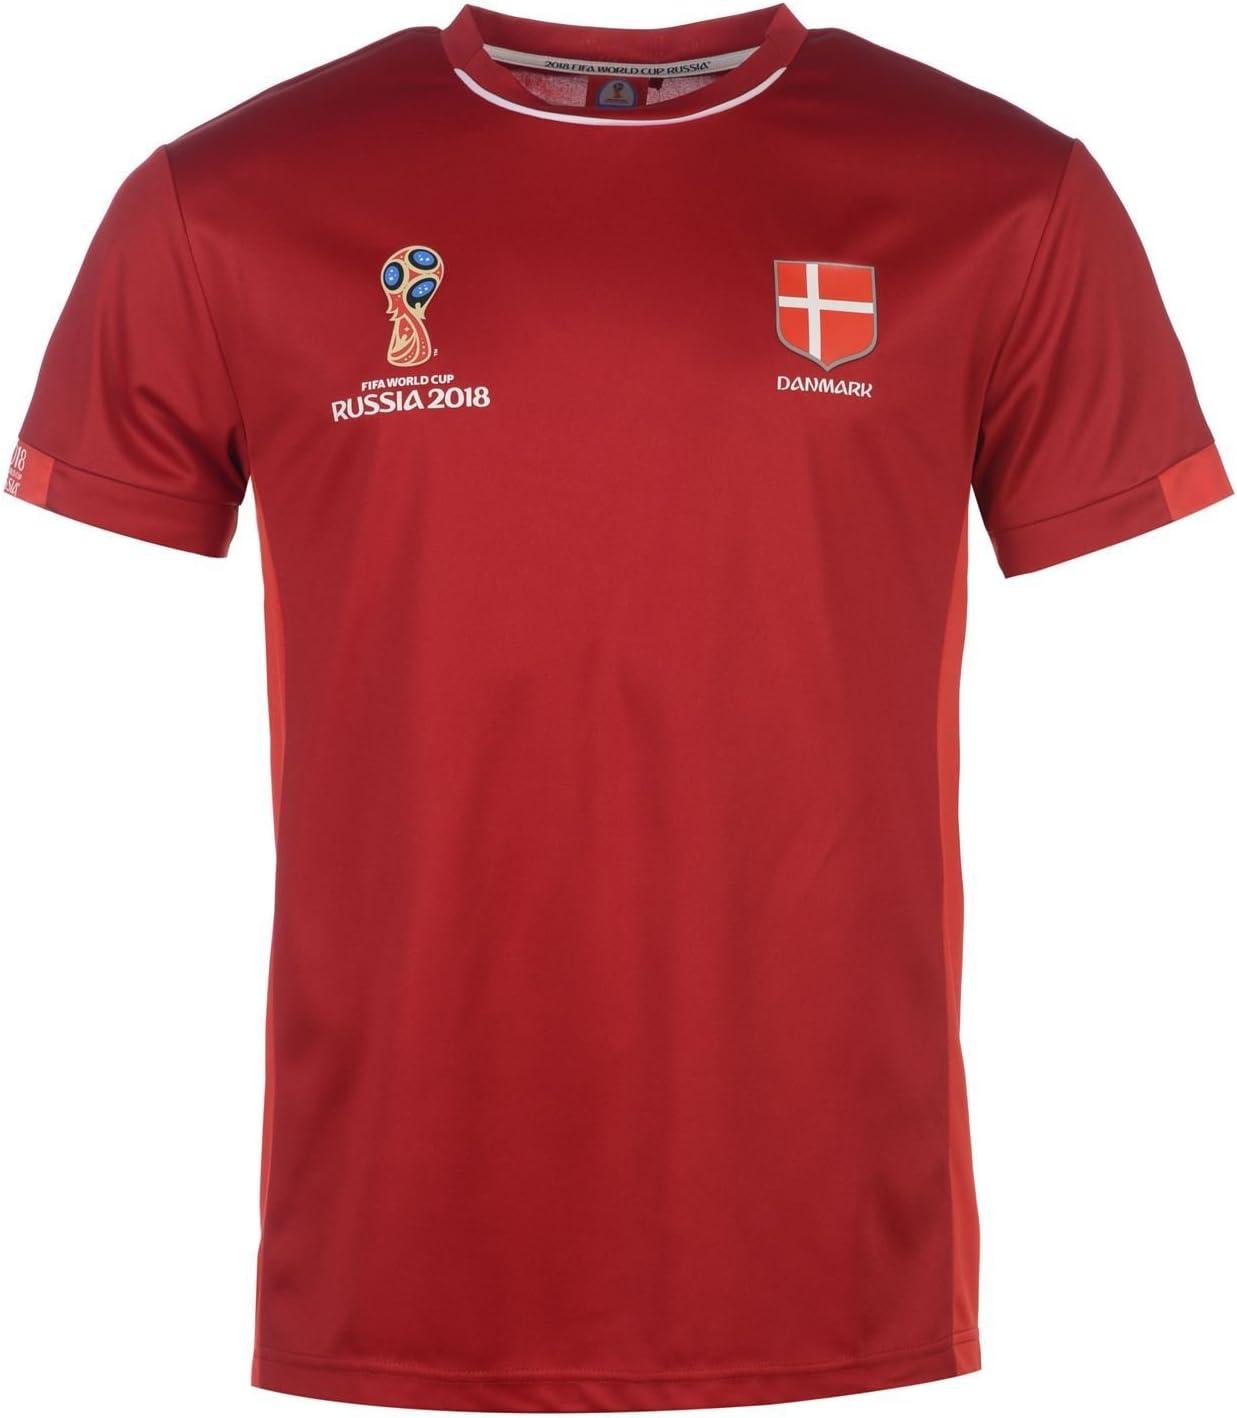 FIFA World Cup 2018 - Camiseta de fútbol para Hombre, Color Rojo ...